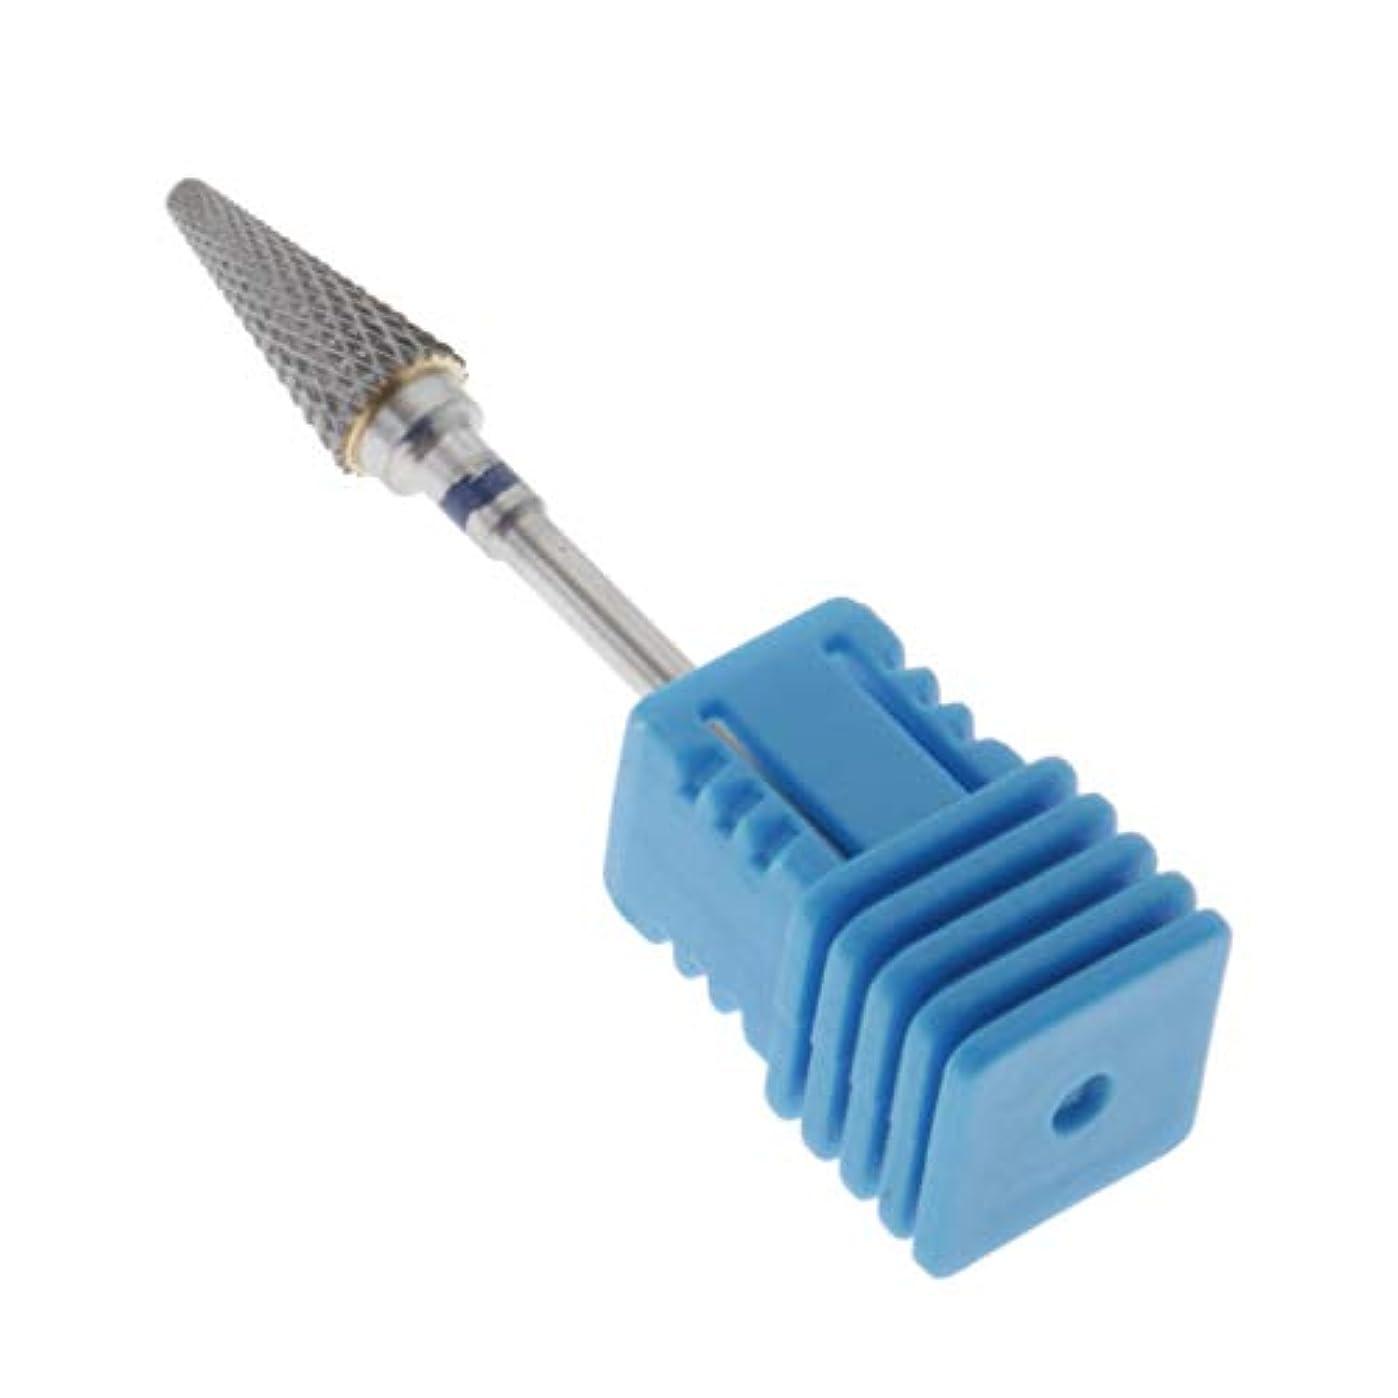 収まる上陸メタンCUTICATE ネイルドリルビット ネイルズファイルビット ネイルファイル 爪磨き 爪やすり ジェルネイル用 全3カラー - 青